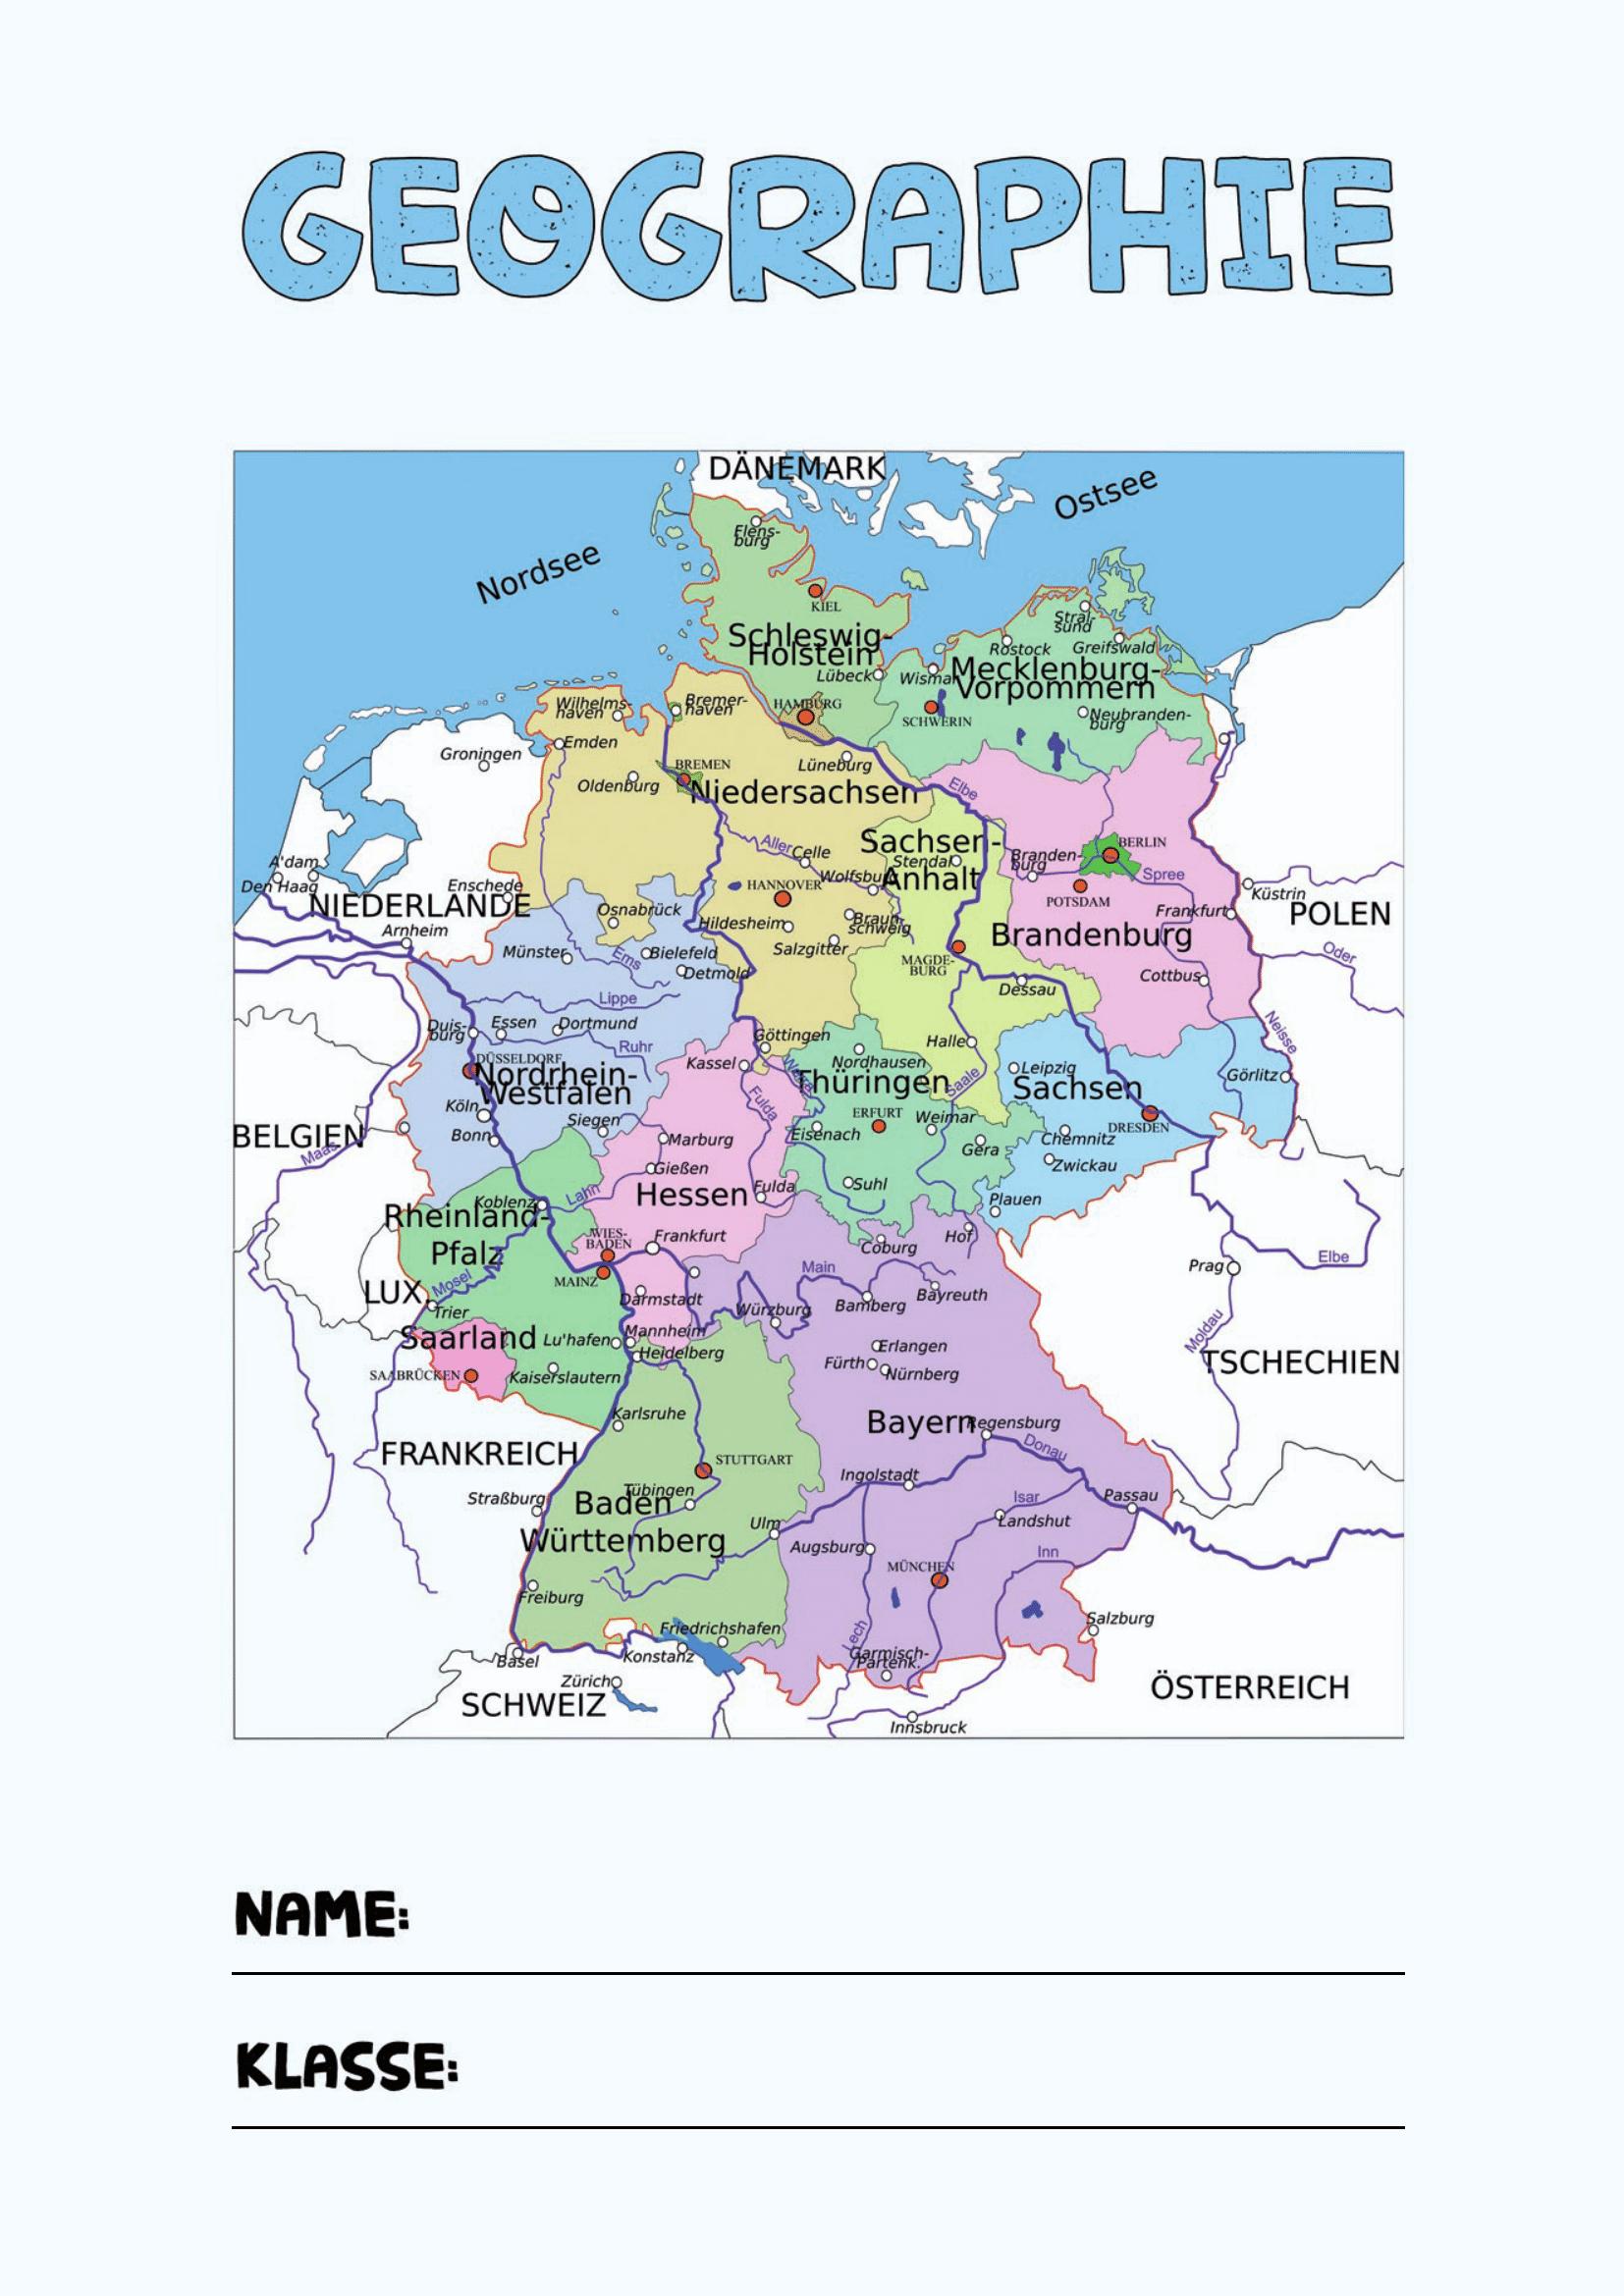 Geographie Deckblatt   Deckblatt Schule, Deckblatt, Decken verwandt mit Deckblätter Schule Kostenlos Ausdrucken